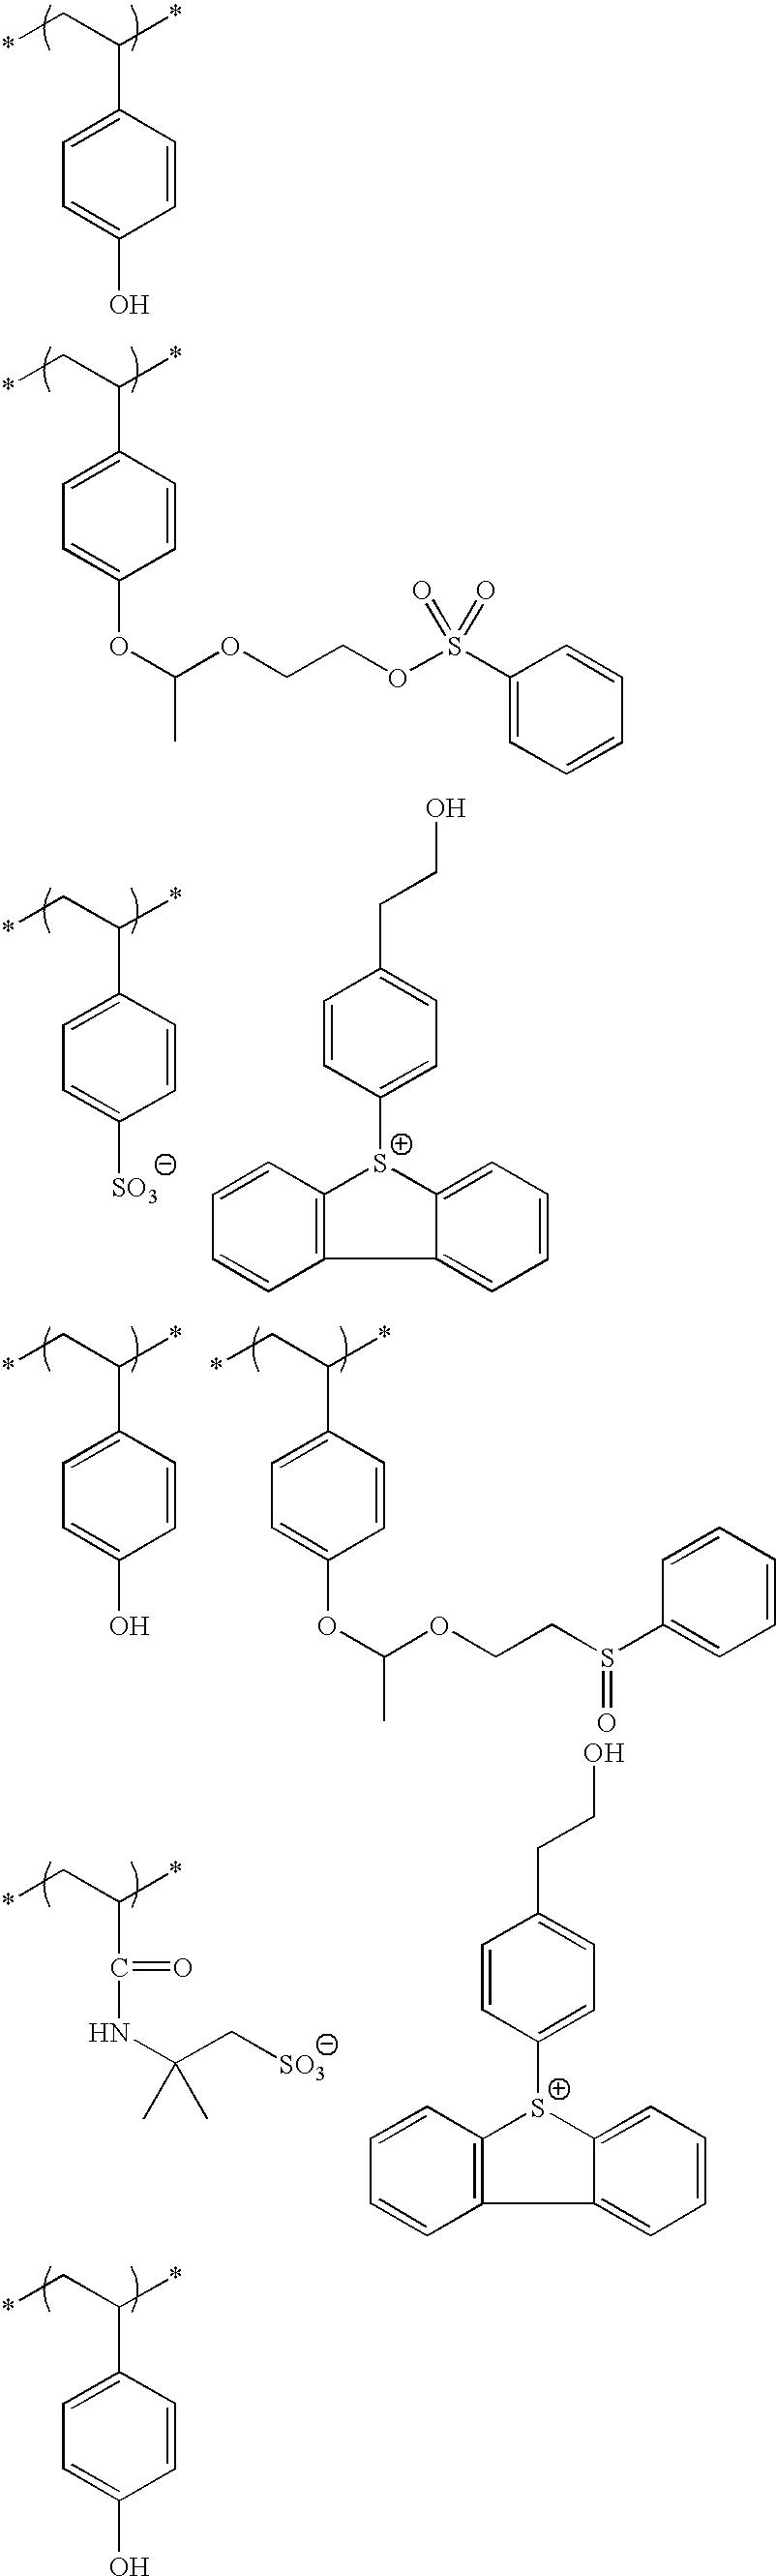 Figure US08852845-20141007-C00179